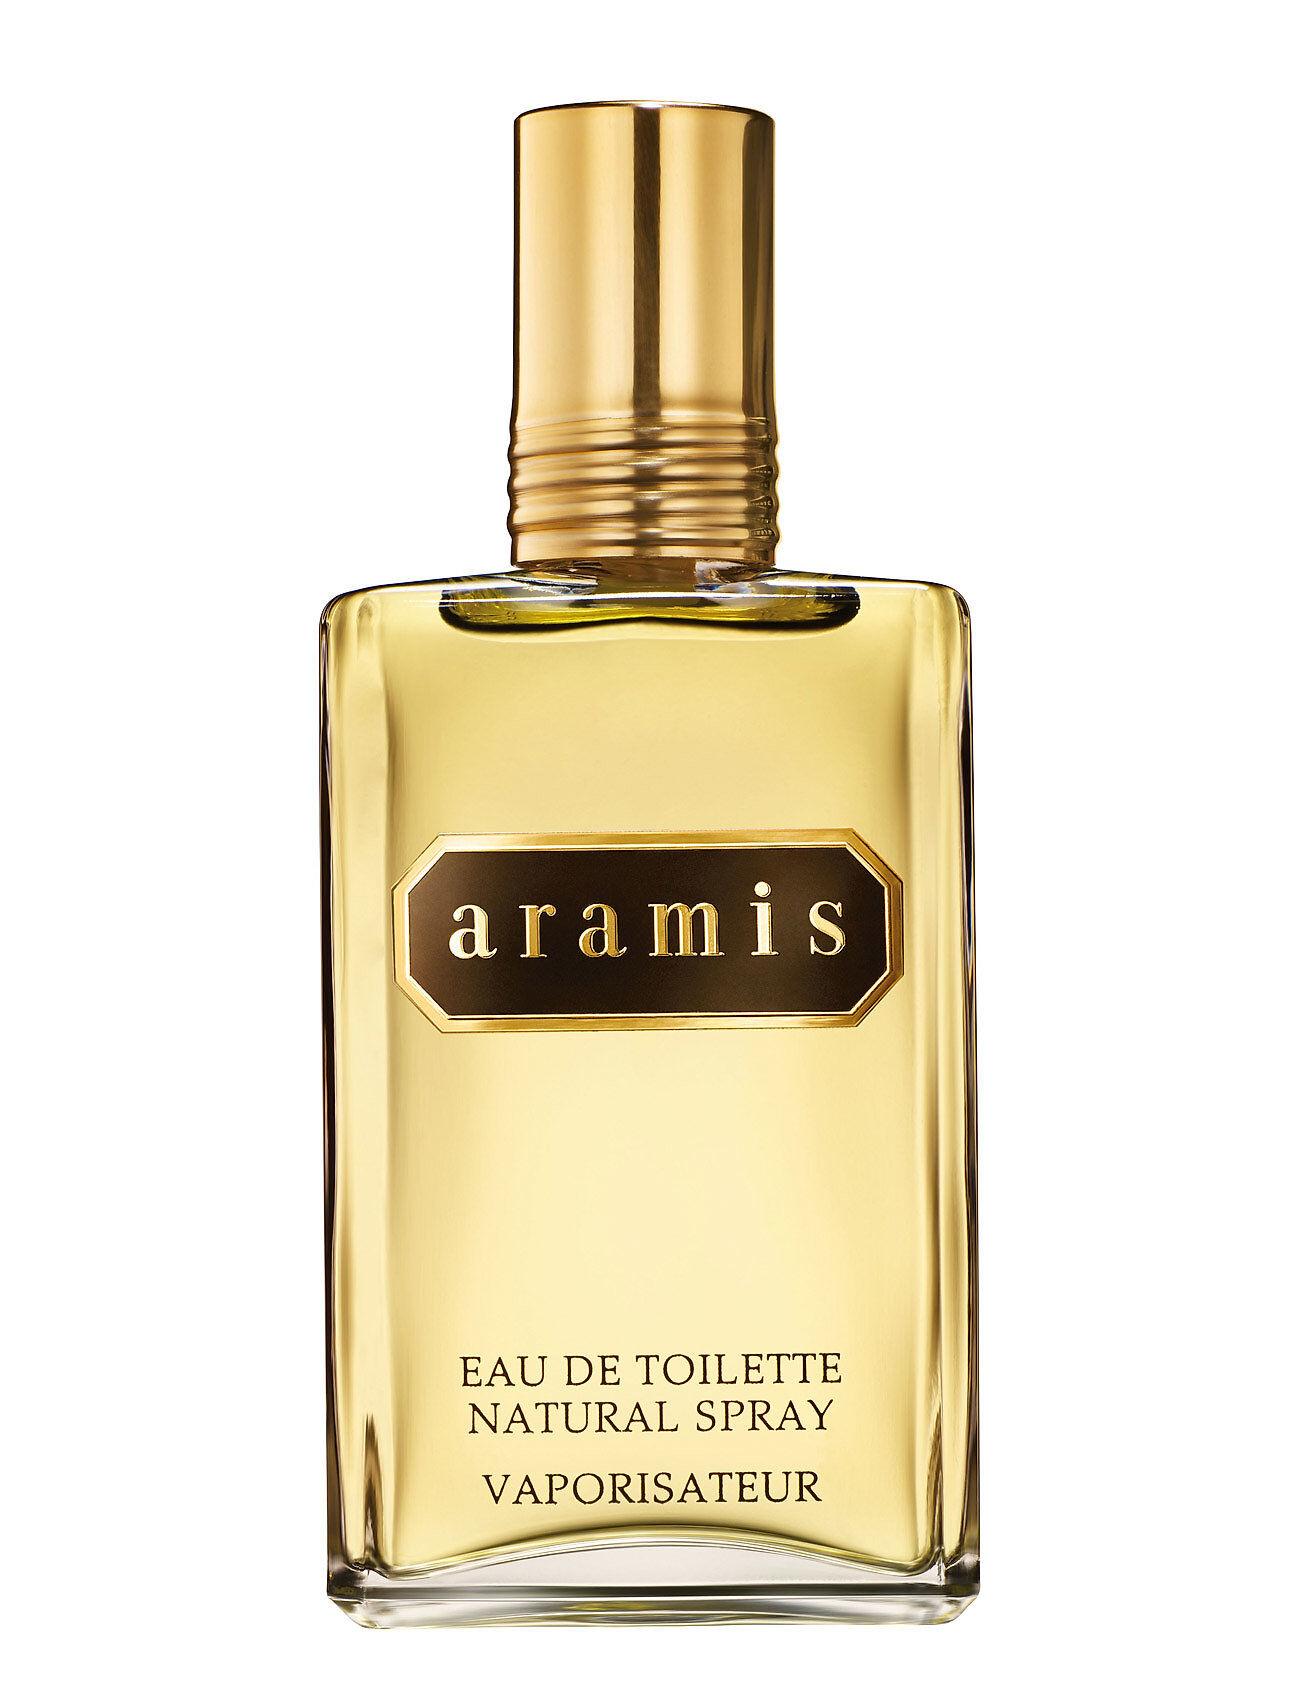 Aramis Eau De Toilette